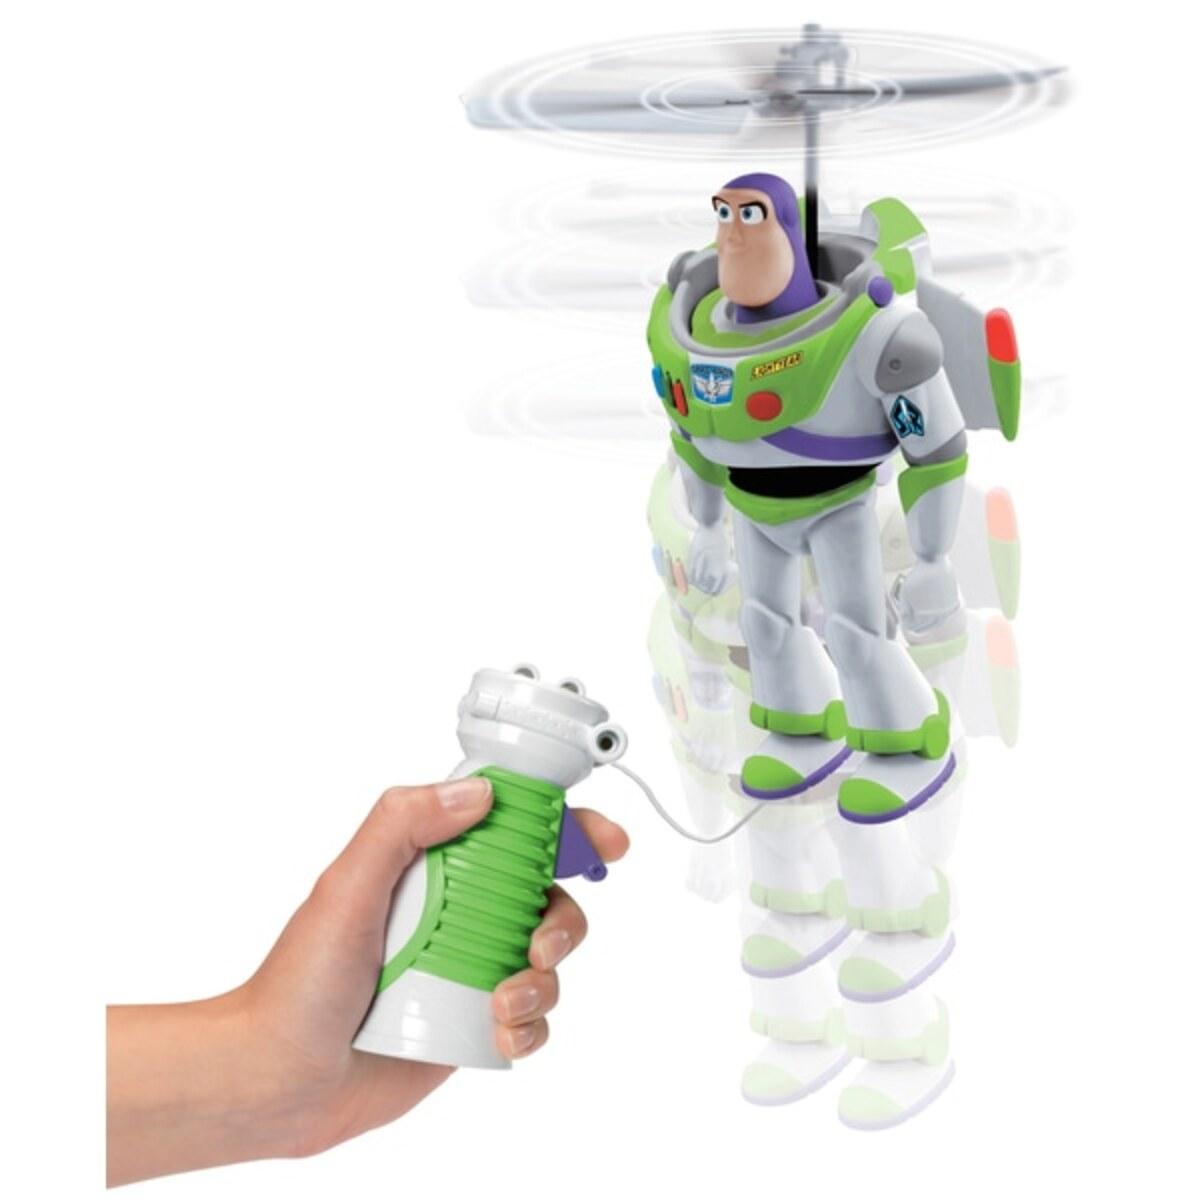 Bild 2 von Toy Story 4 - RC Fliegender Buzz